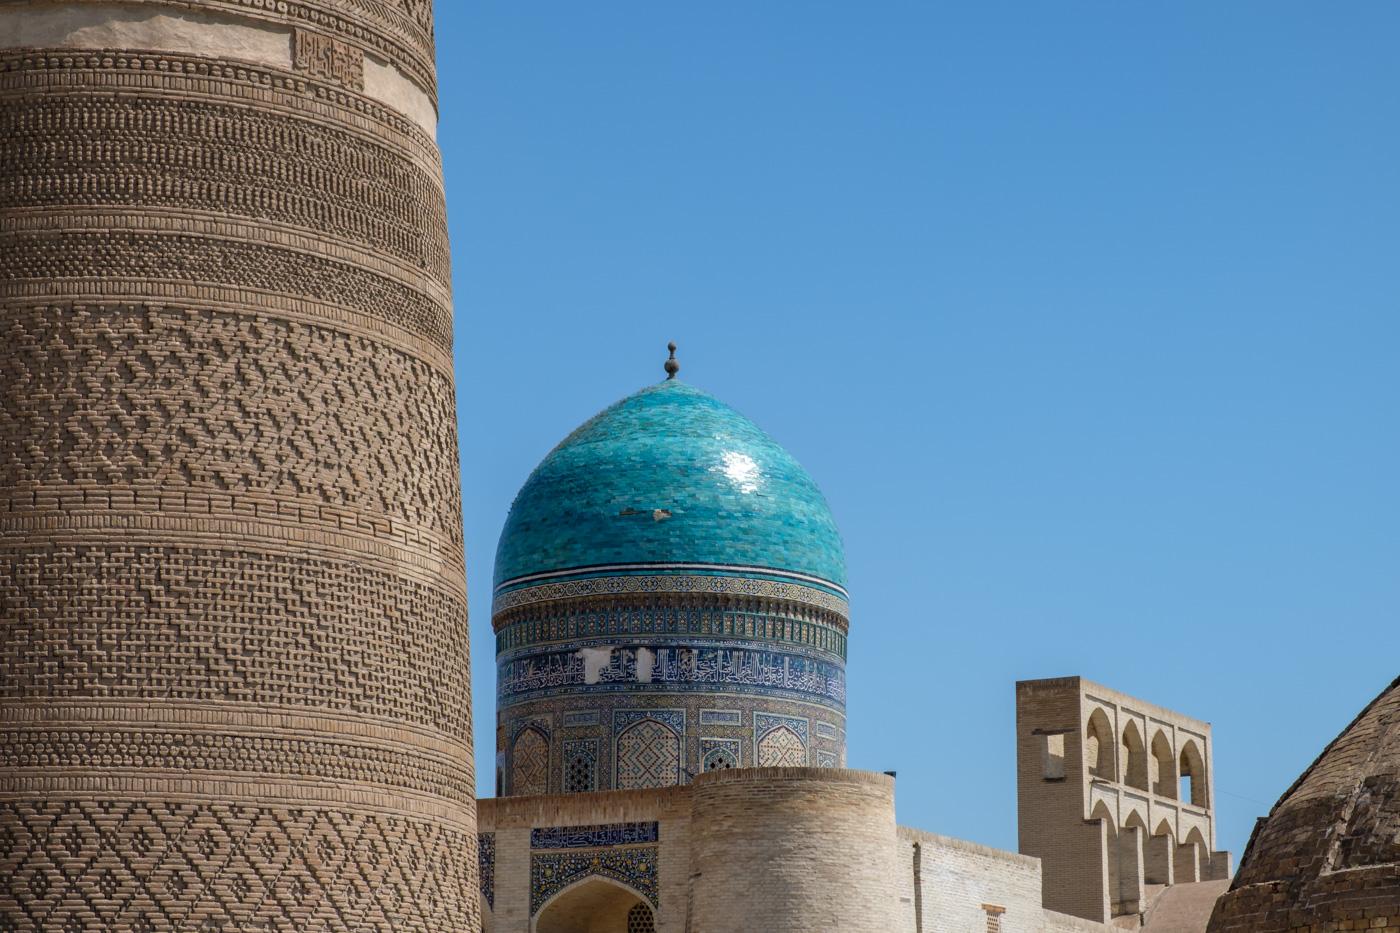 Ziegelmuster des Kalon-Minaretts mit der Kuppel der Mir-Arab Medresse im Hintergrund.